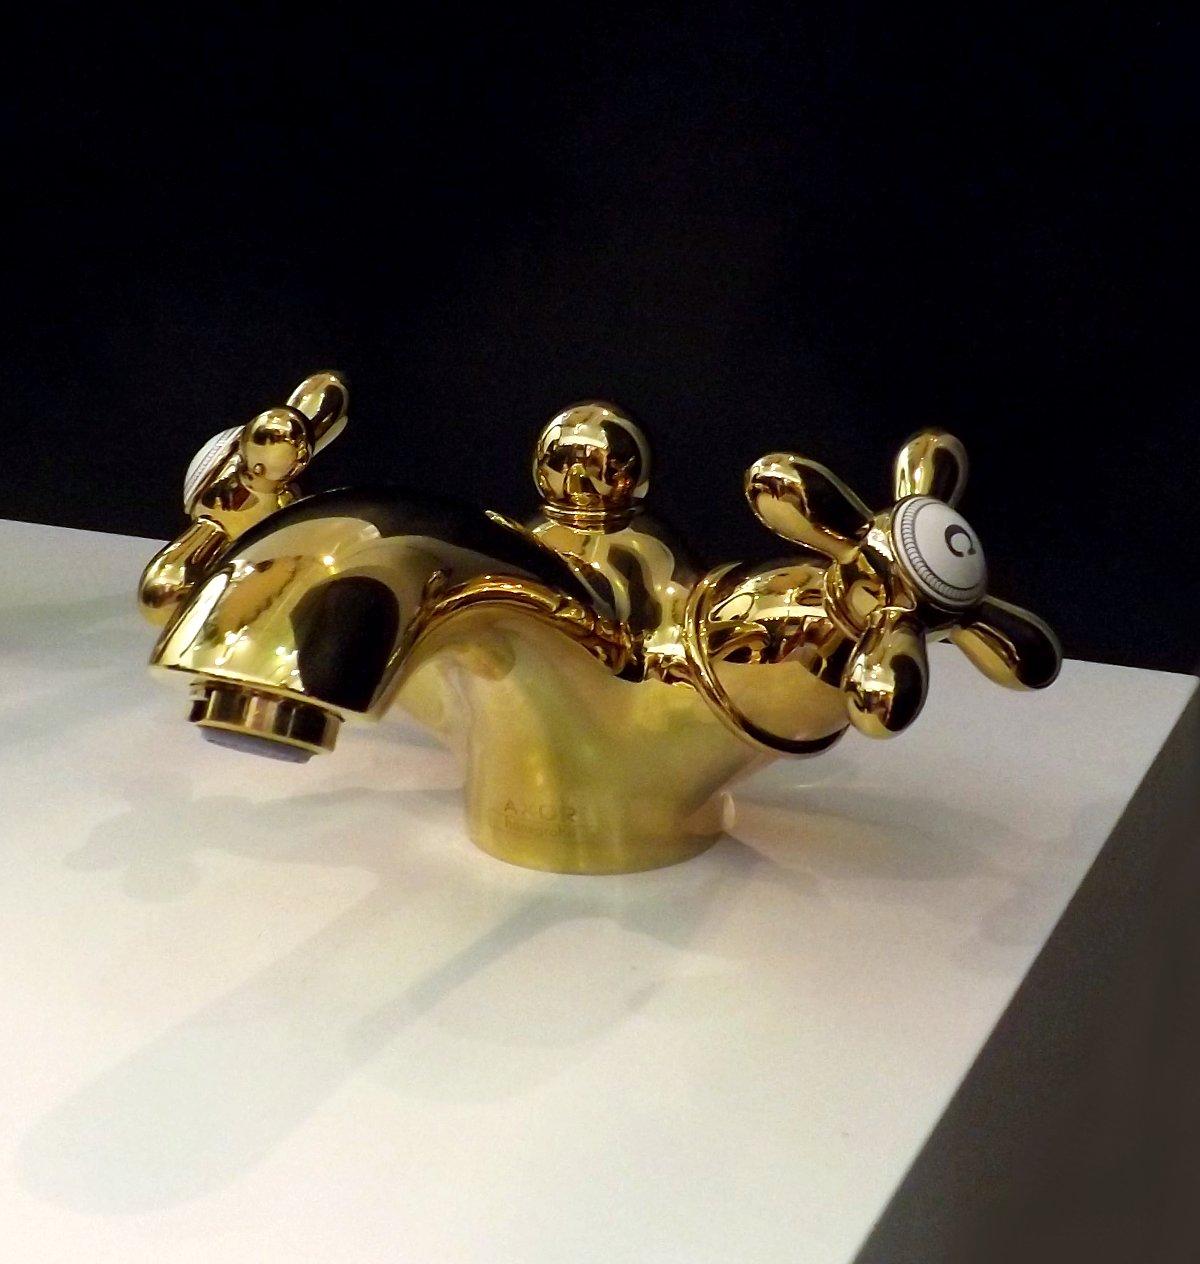 Cмеситель 2-рукояточный от Hansgrohe на выставке MosBuild 2013